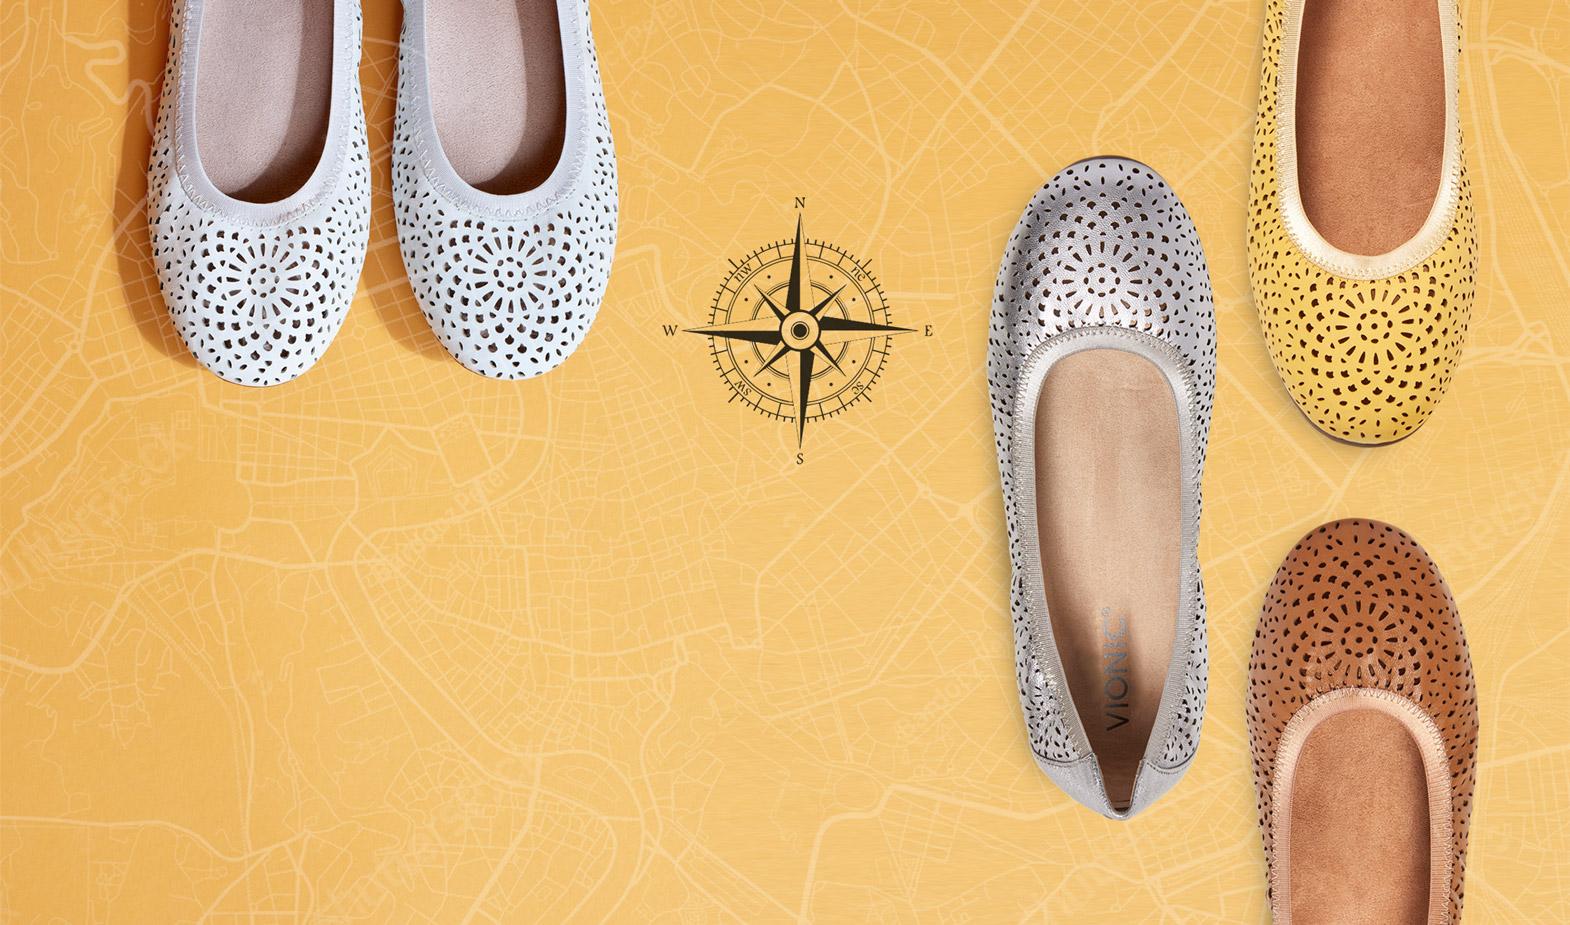 Travel Shoes: Comfortable \u0026 Stylish